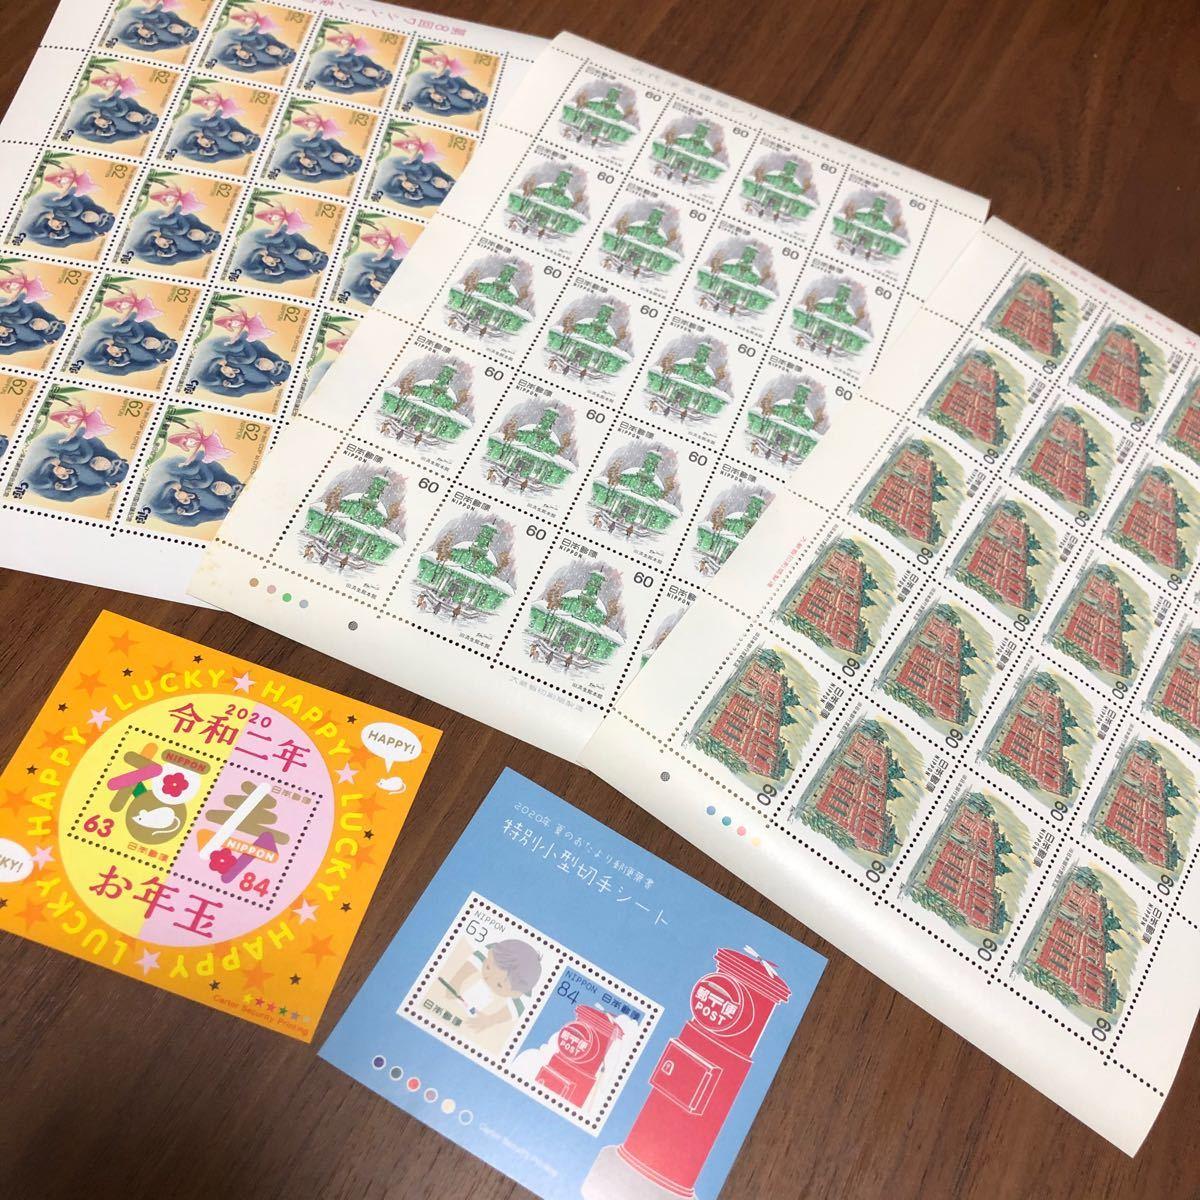 お年玉記念切手 未使用切手シート 特別小型切手シート コレクション シートのみ